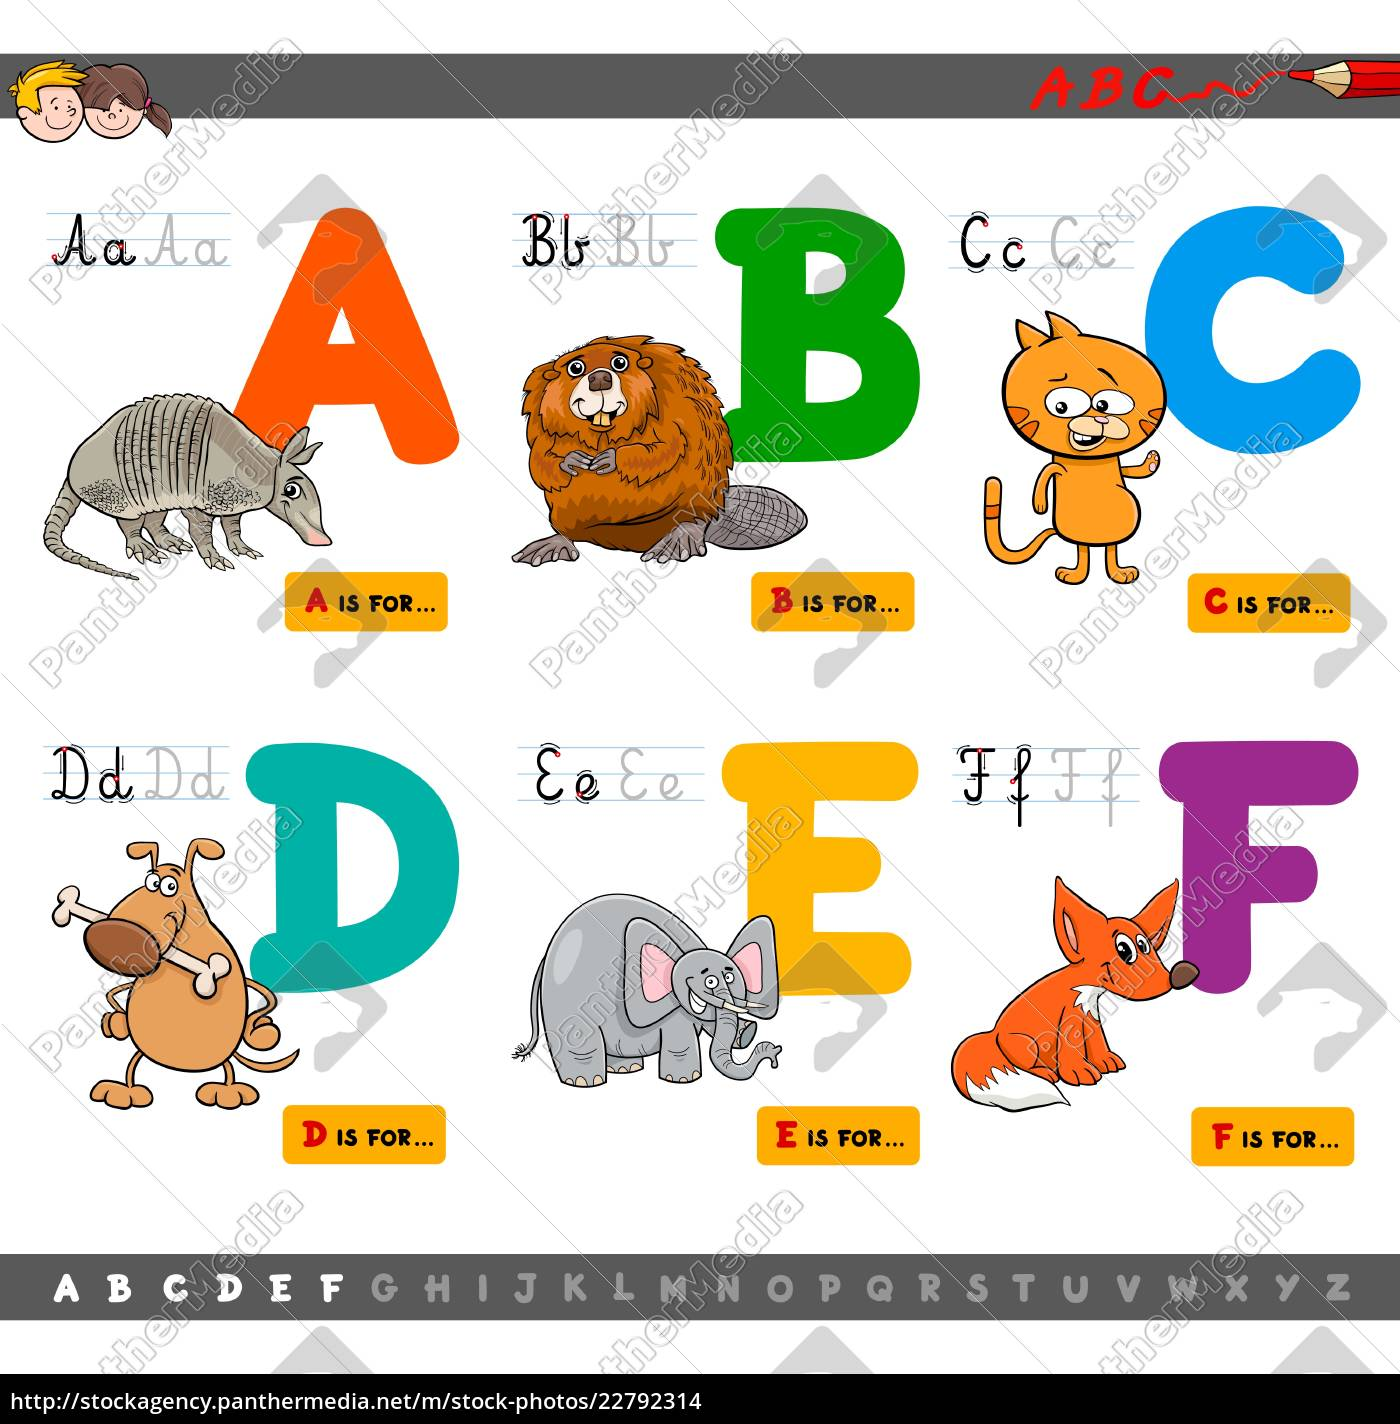 bildungs-cartoon, alphabet, buchstaben, zum, lernen - 22792314